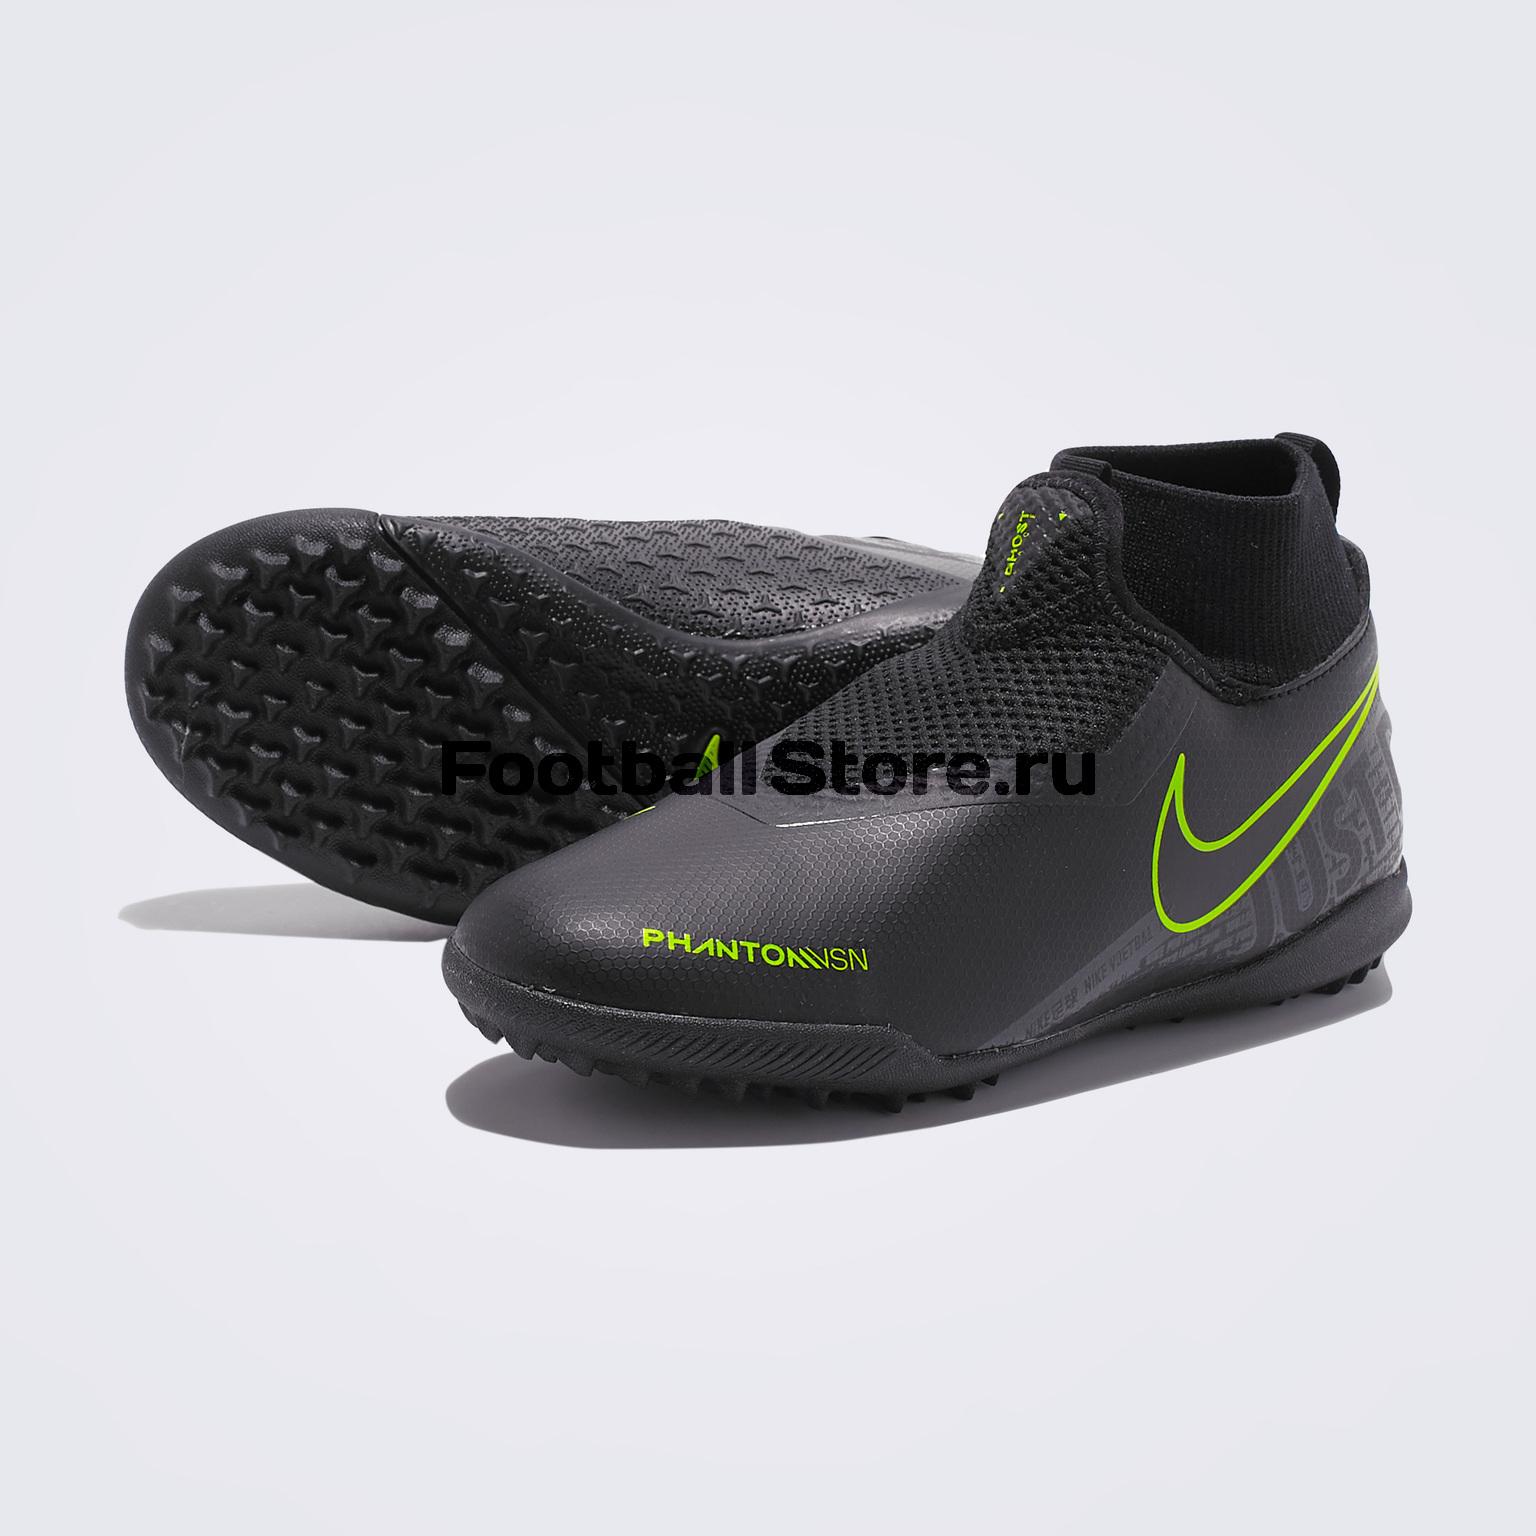 Шиповки детские Nike Phantom Vision Academy DF TF AO3292-007